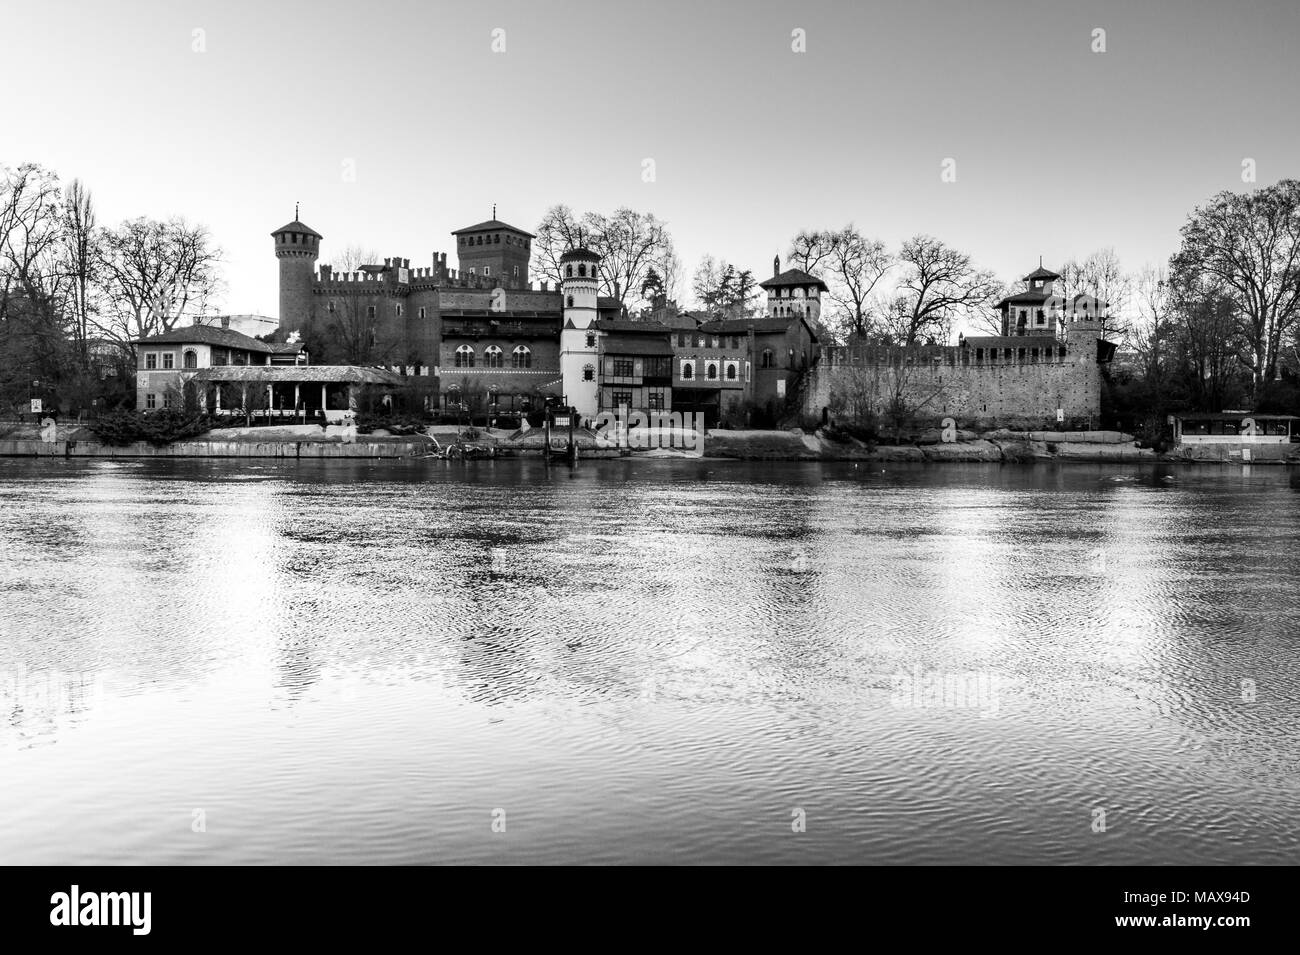 Castello presso il parco del Valentino a Torino in bianco e nero. Panorama  della città di Torino Foto stock - Alamy